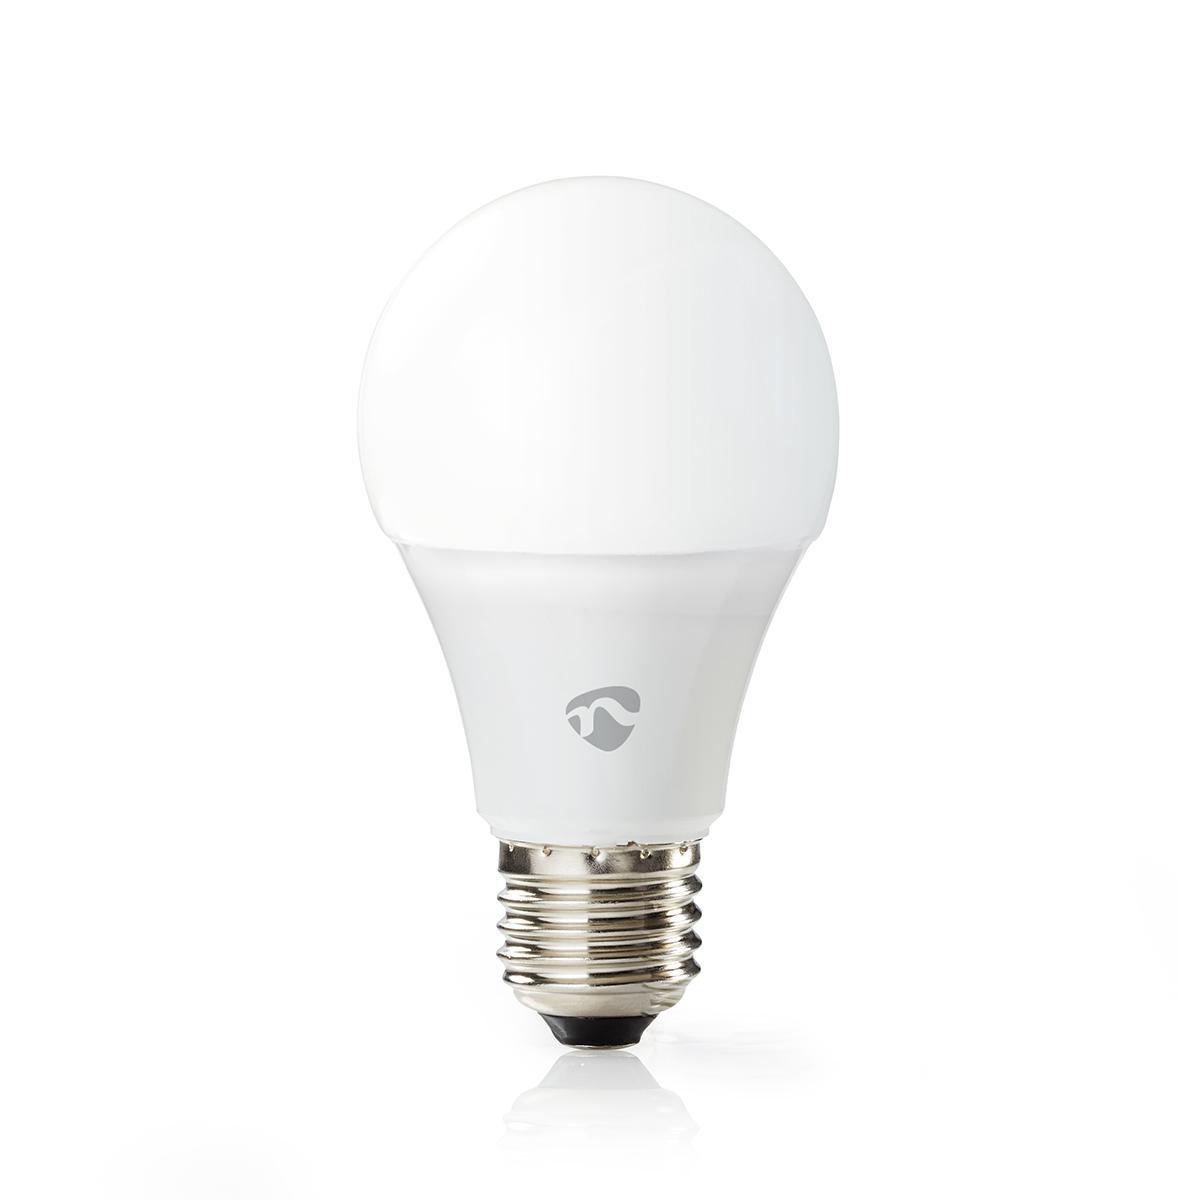 Slimme Wi-Fi Led Lamp 9 Watt CCT - Kleurwissel - lamp uit